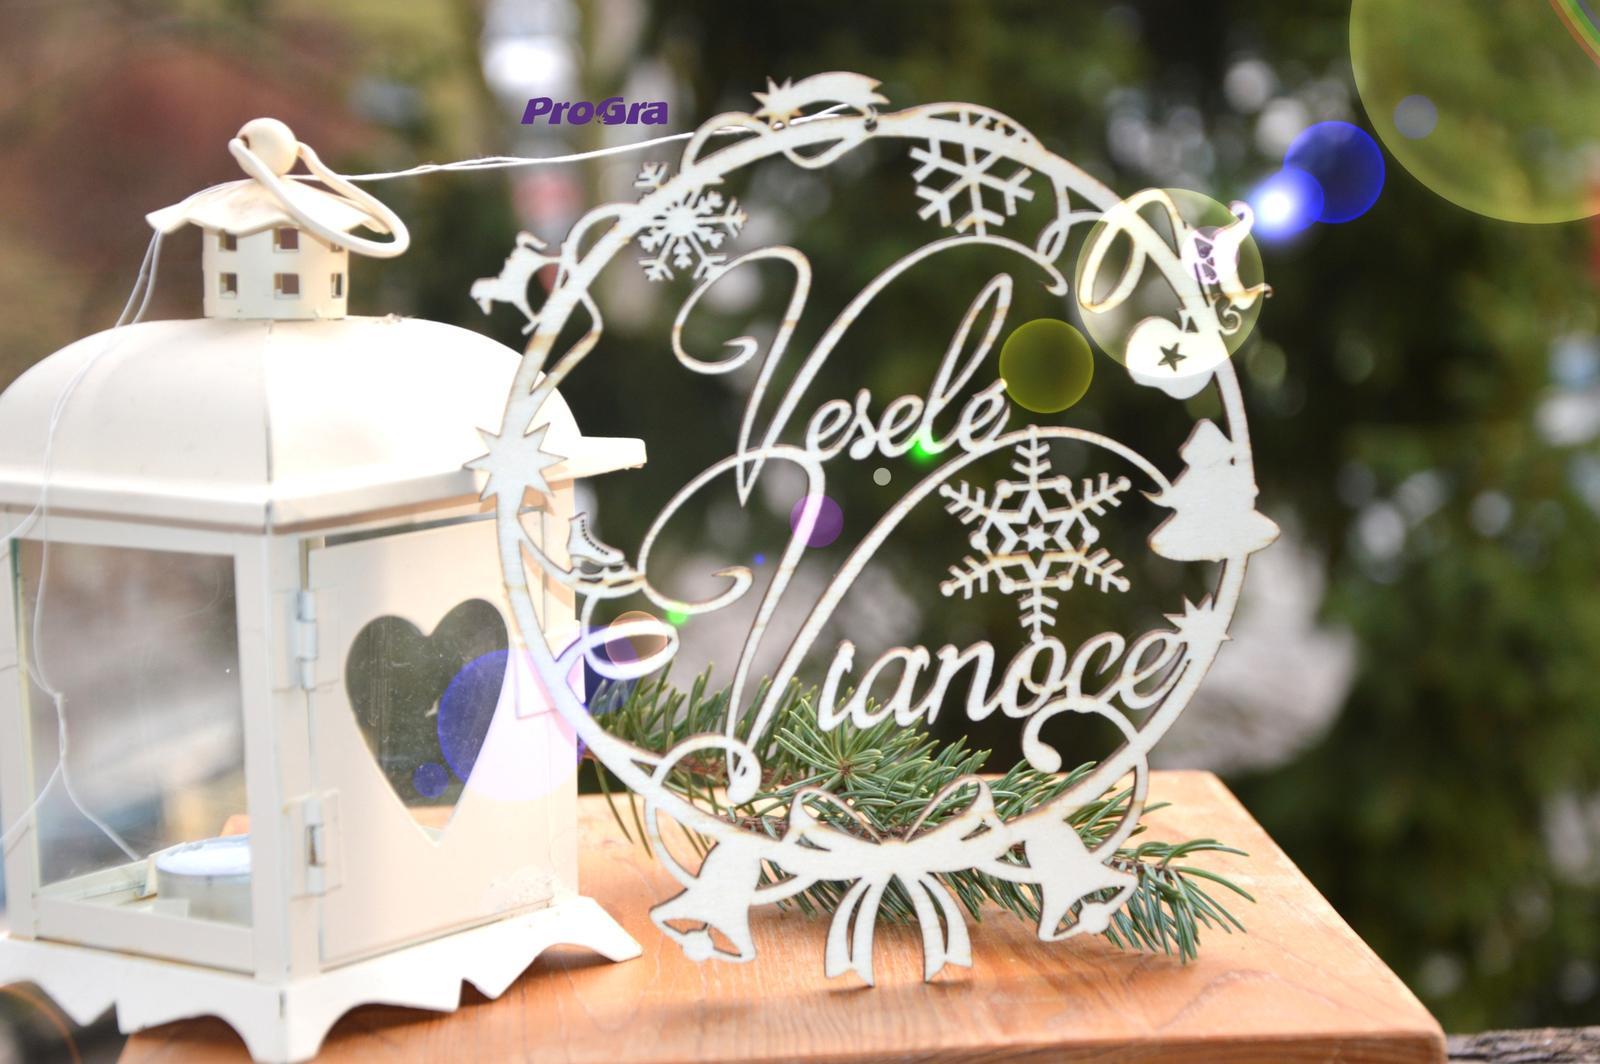 Po svatbě - krásný věnec na dveře